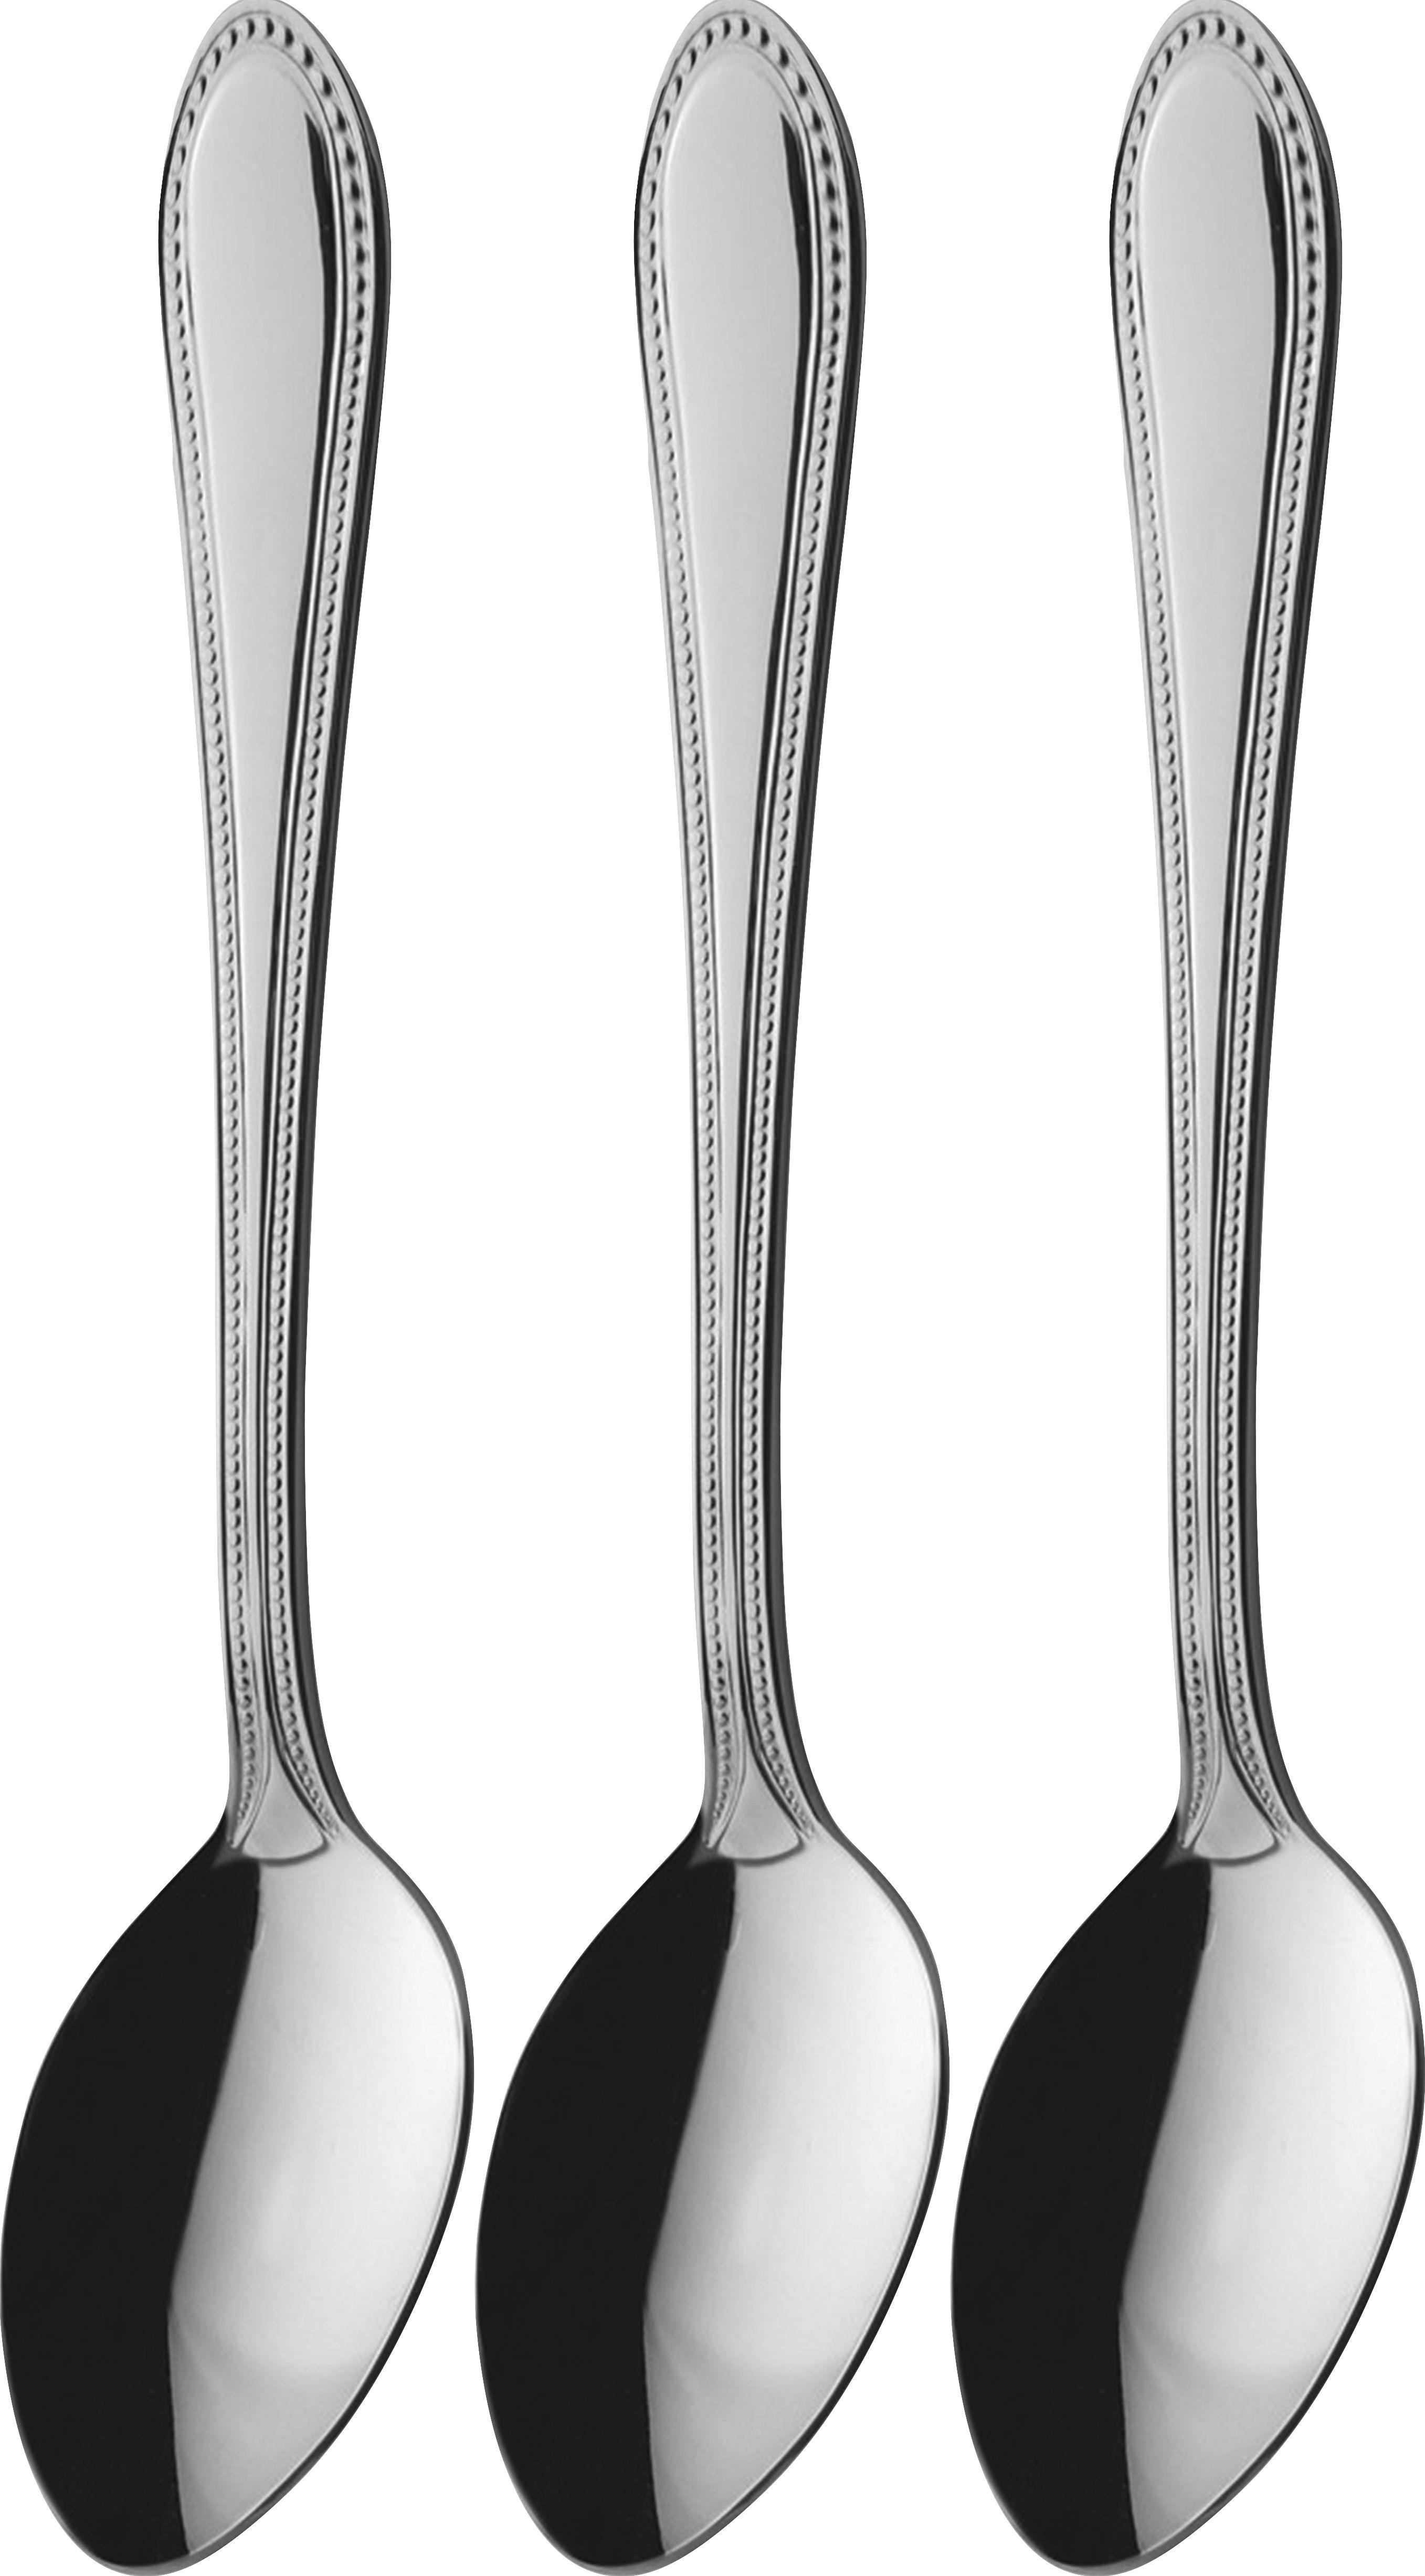 Набор столовых ложек Atmosphere Facile, 3 предметаAT-K358Набор столовых ложек классического дизайна из нержавеющей стали. Подходят для мытья в посудомоечной машине.